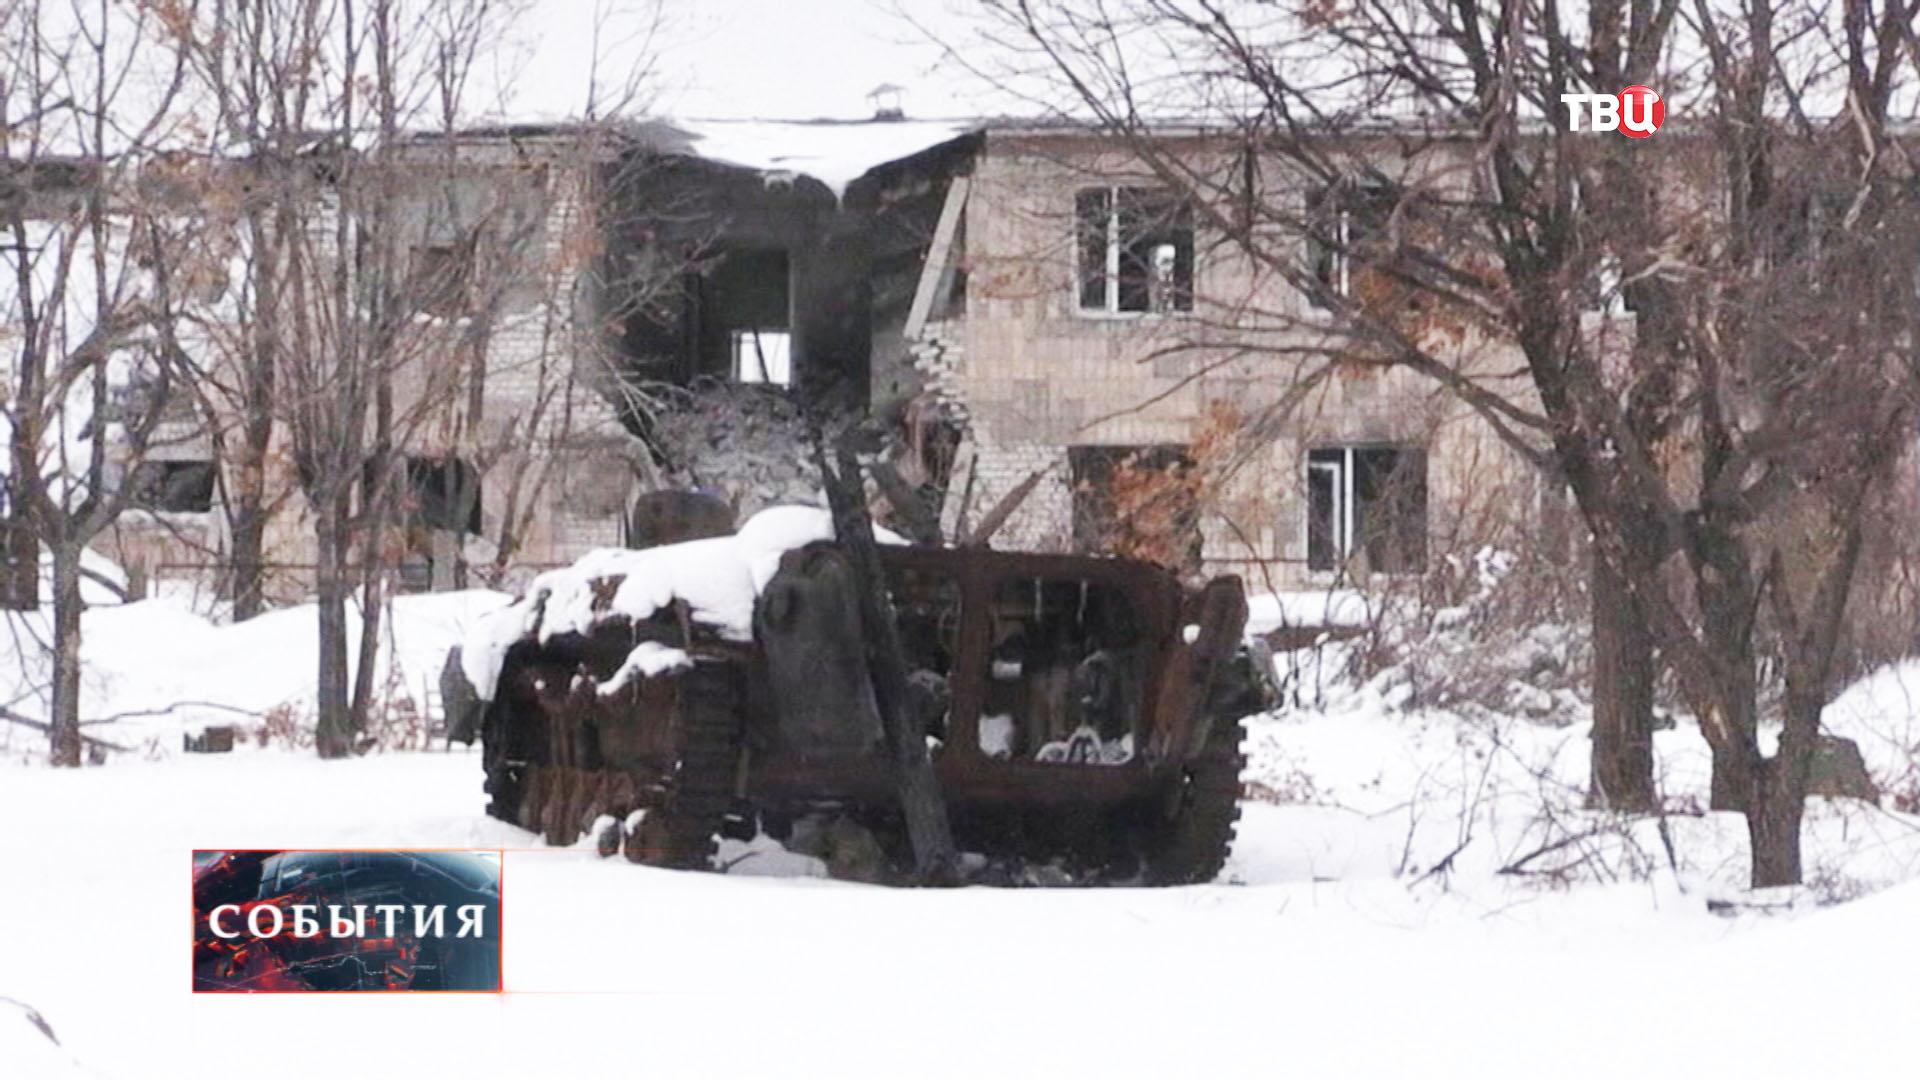 Результат боевых действий в Донецкой области